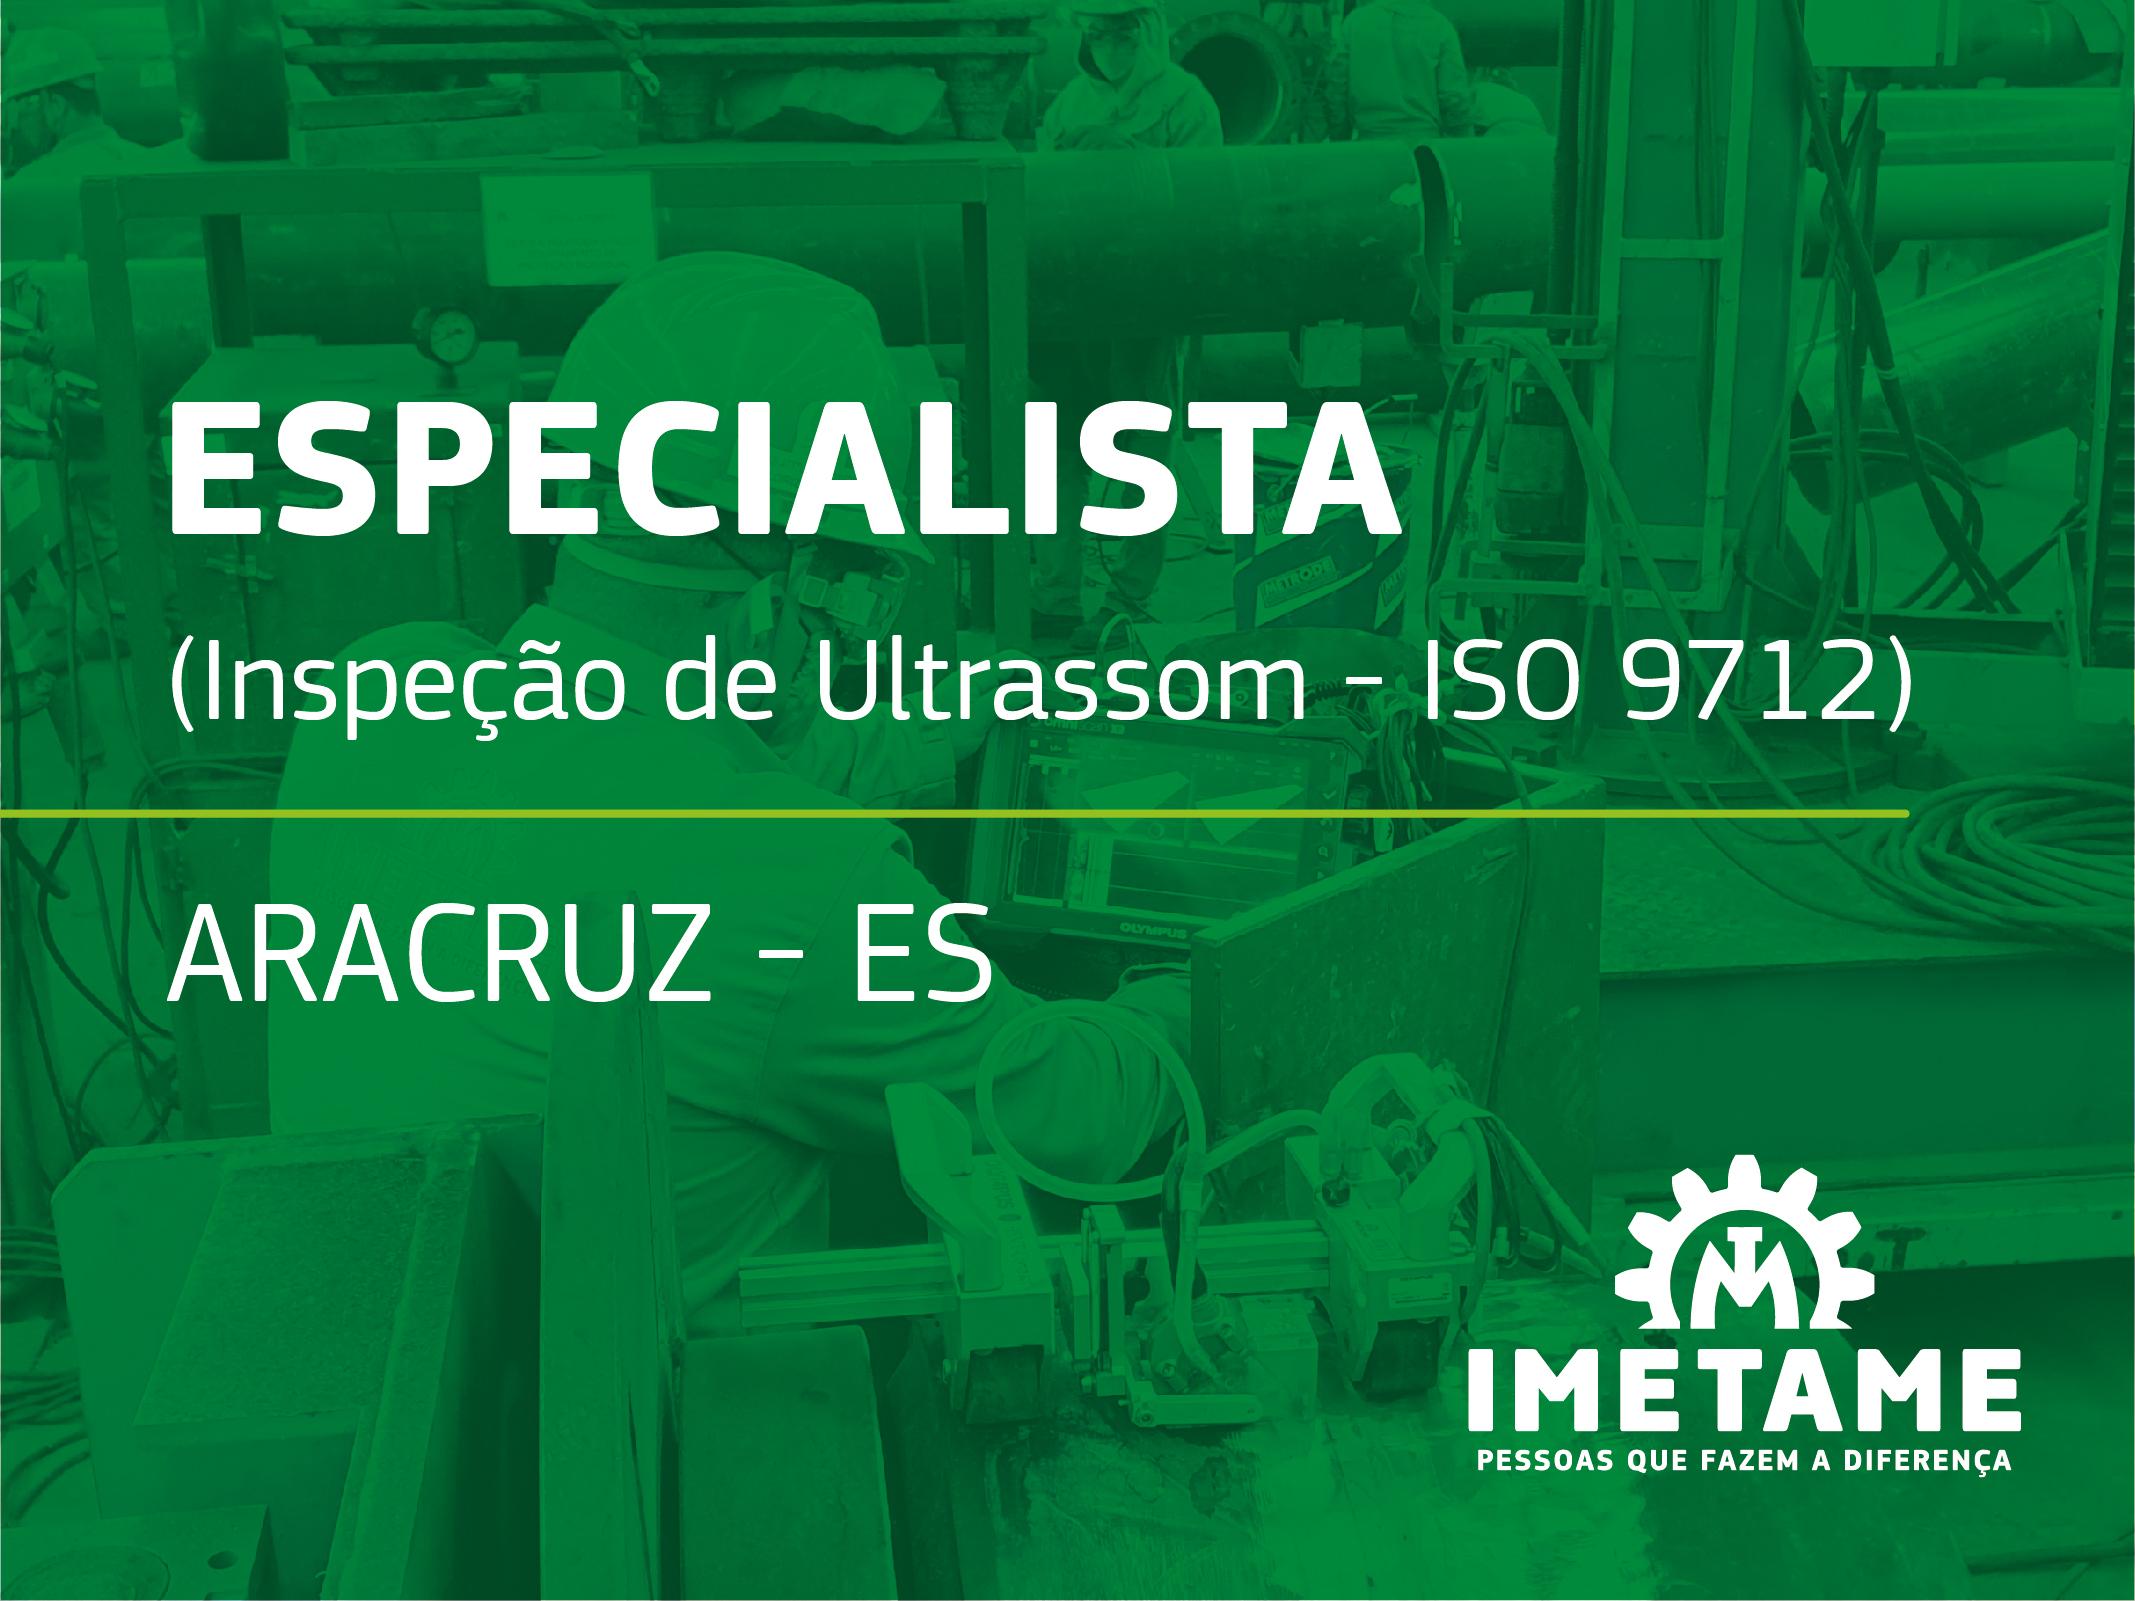 Especialista – Inspeção de Ultrassom ISO 9712